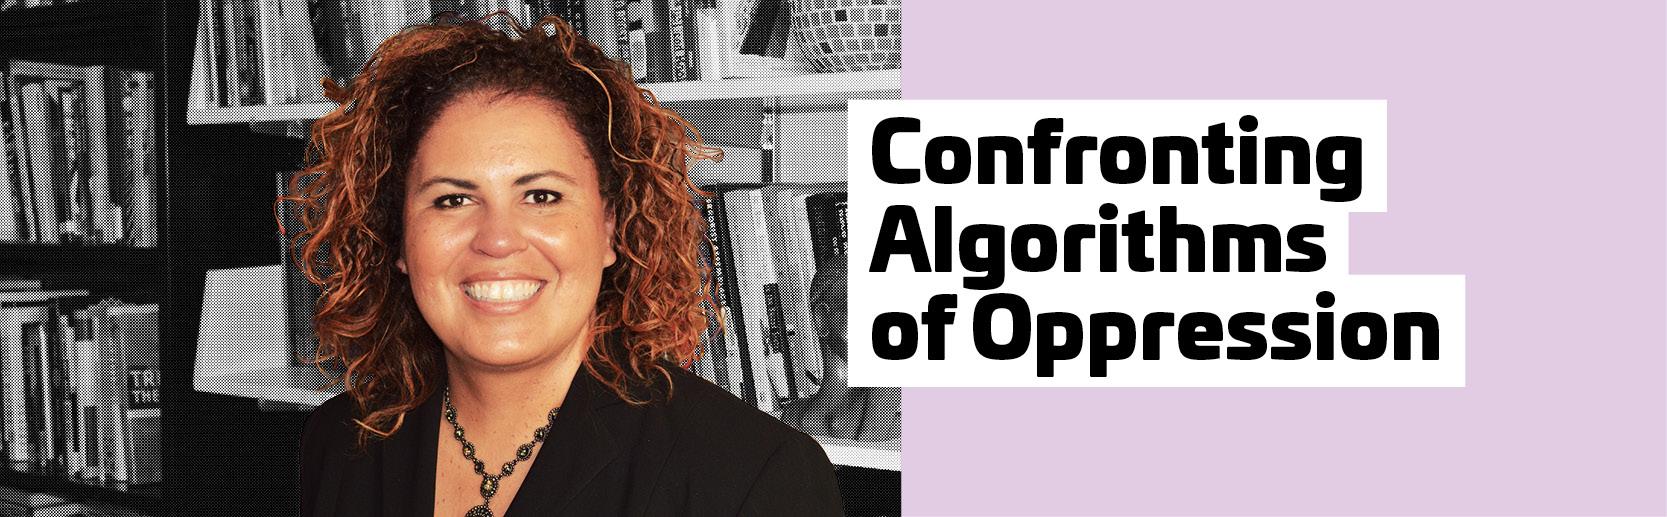 Algorithms of Oppression banner